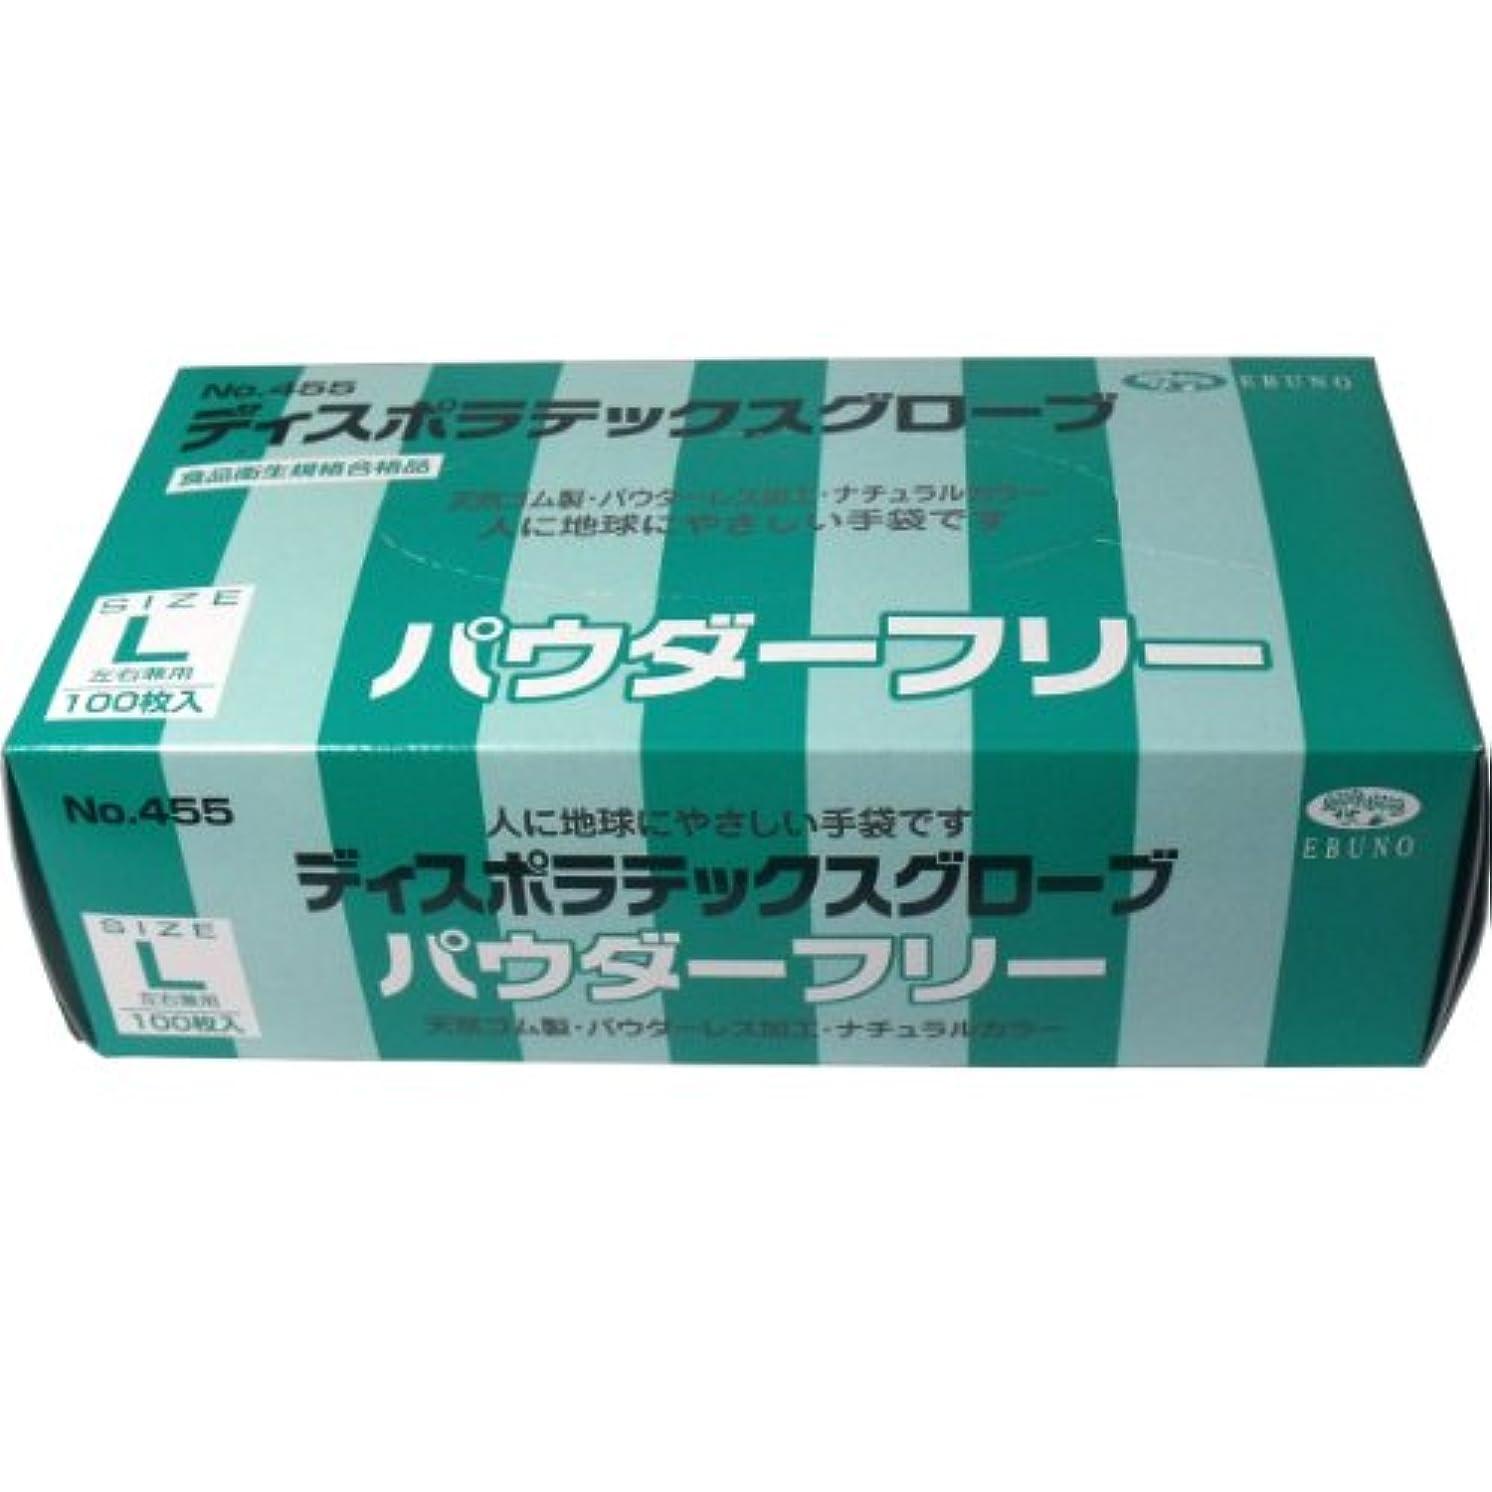 虚偽装備する解放するディスポ ラテックスグローブ(天然ゴム手袋) パウダーフリー Lサイズ 100枚入×2個セット